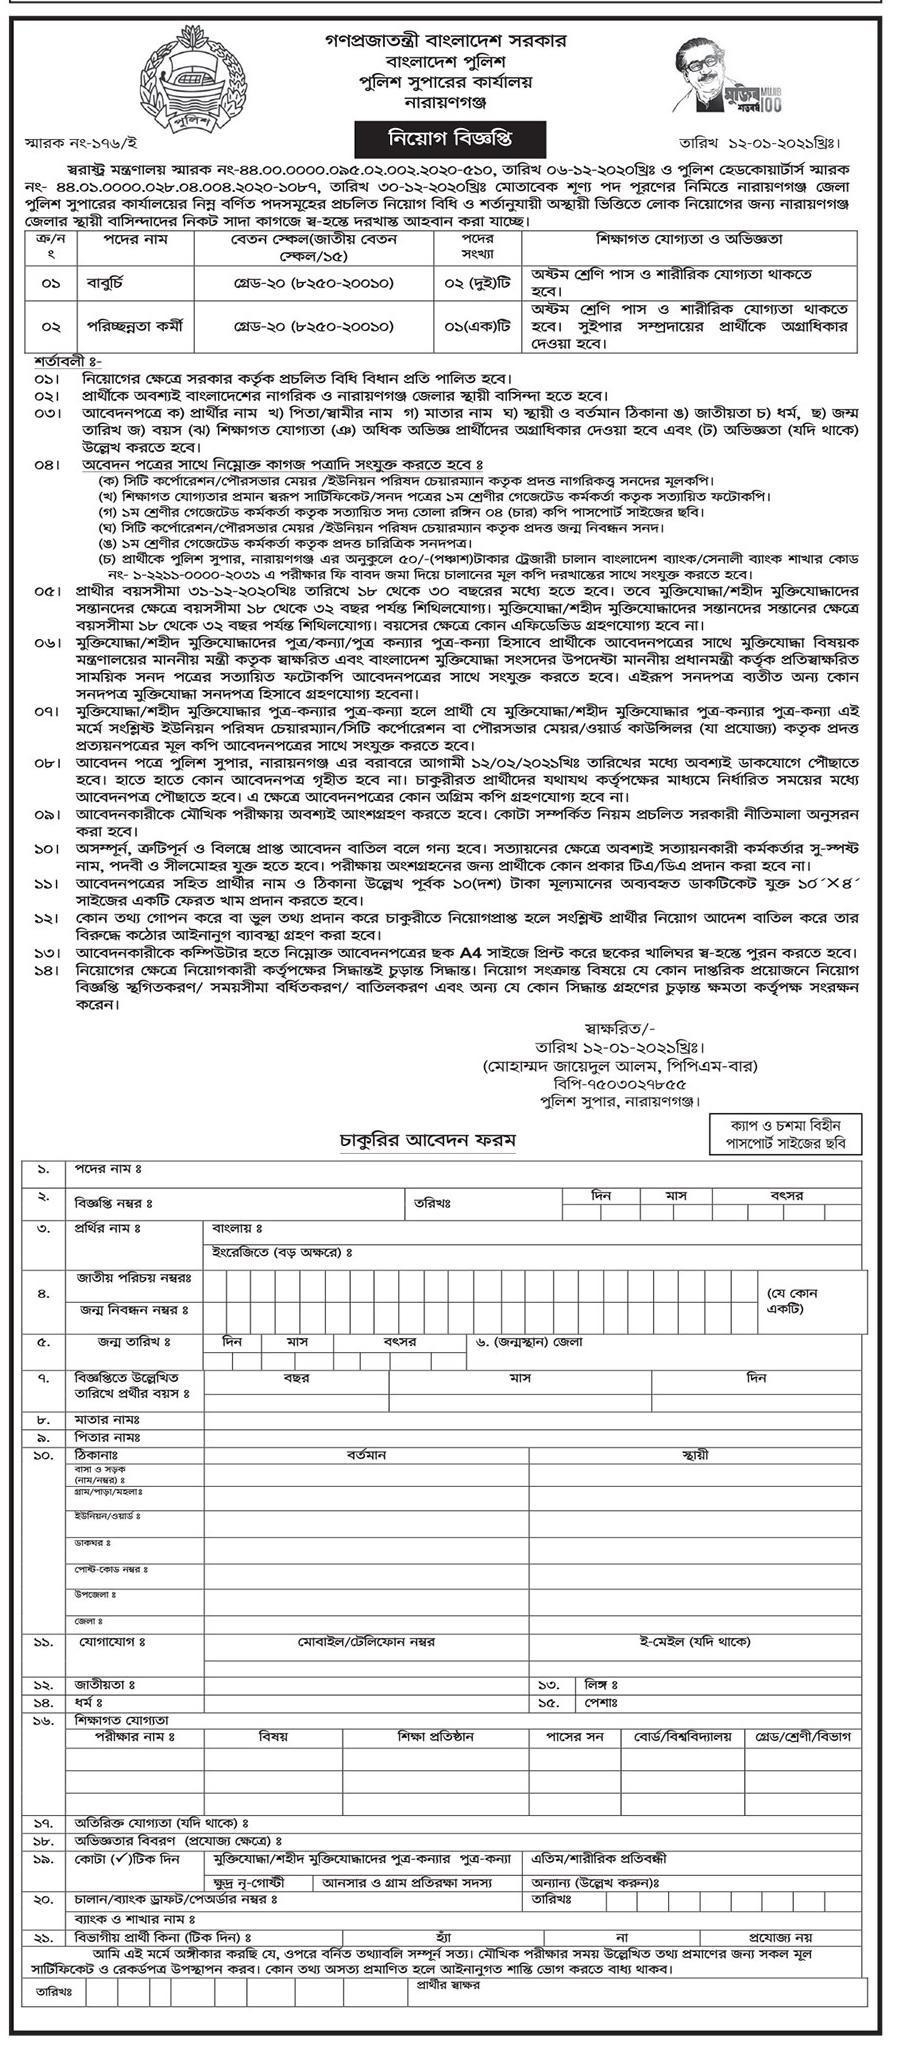 পুলিশ সুপারের কার্যালয়ে নিয়োগ বিজ্ঞপ্তি ২০২১ -  Bangladesh Police Super Office Job Circular 2021